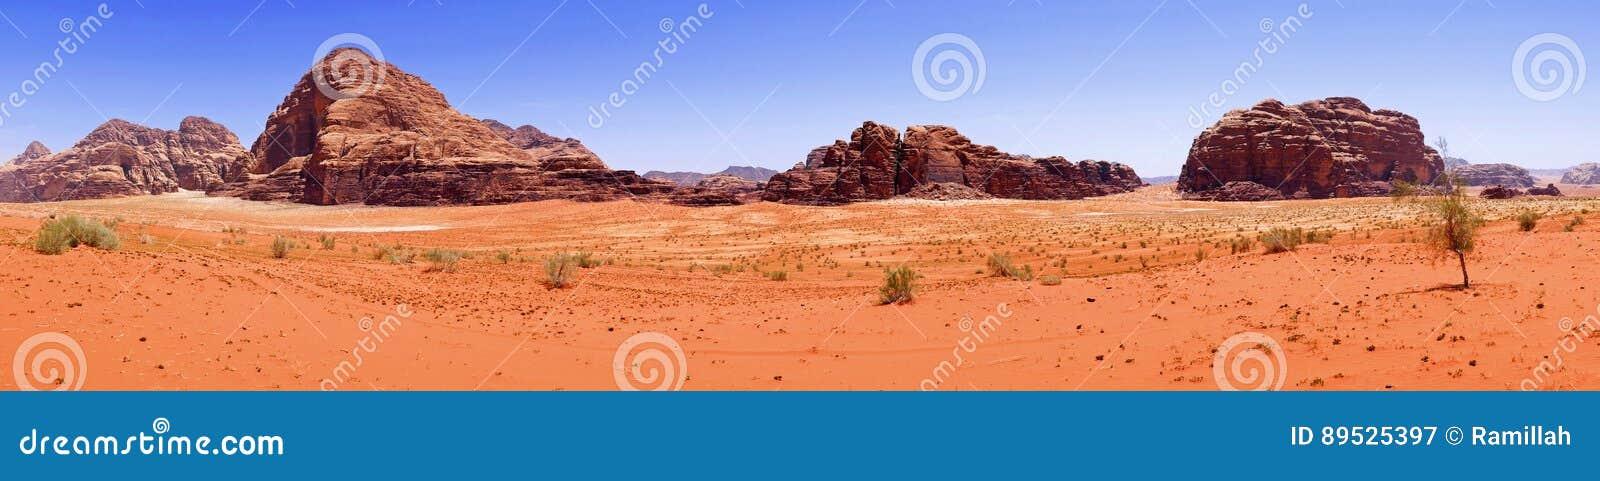 Deserto rosso scenico della sabbia di vista panoramica di bello paesaggio e paesaggio antico delle montagne dell arenaria in Wadi